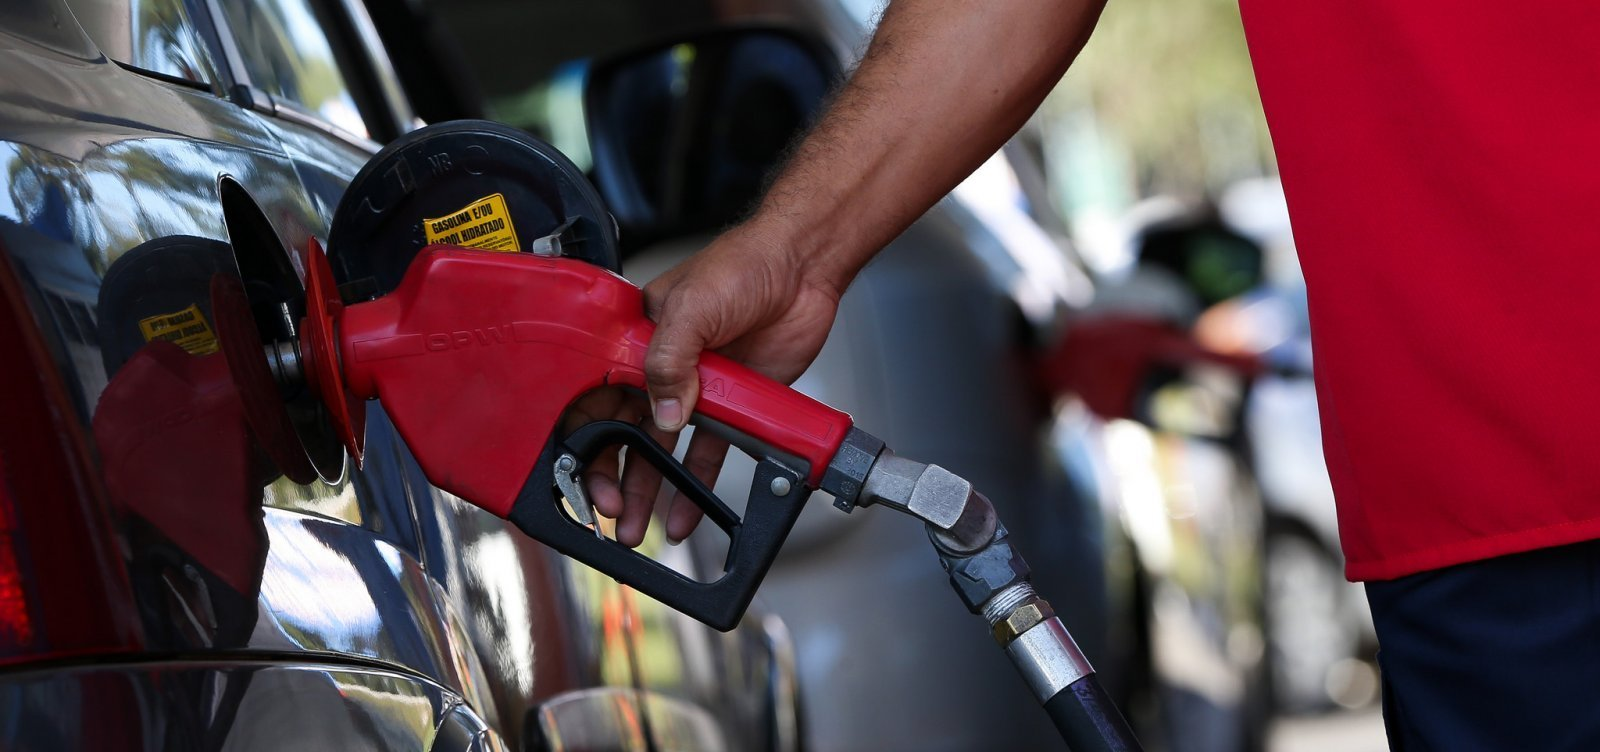 Comando Vermelho manda postos em Manaus baixarem preço de gasolina, diz site